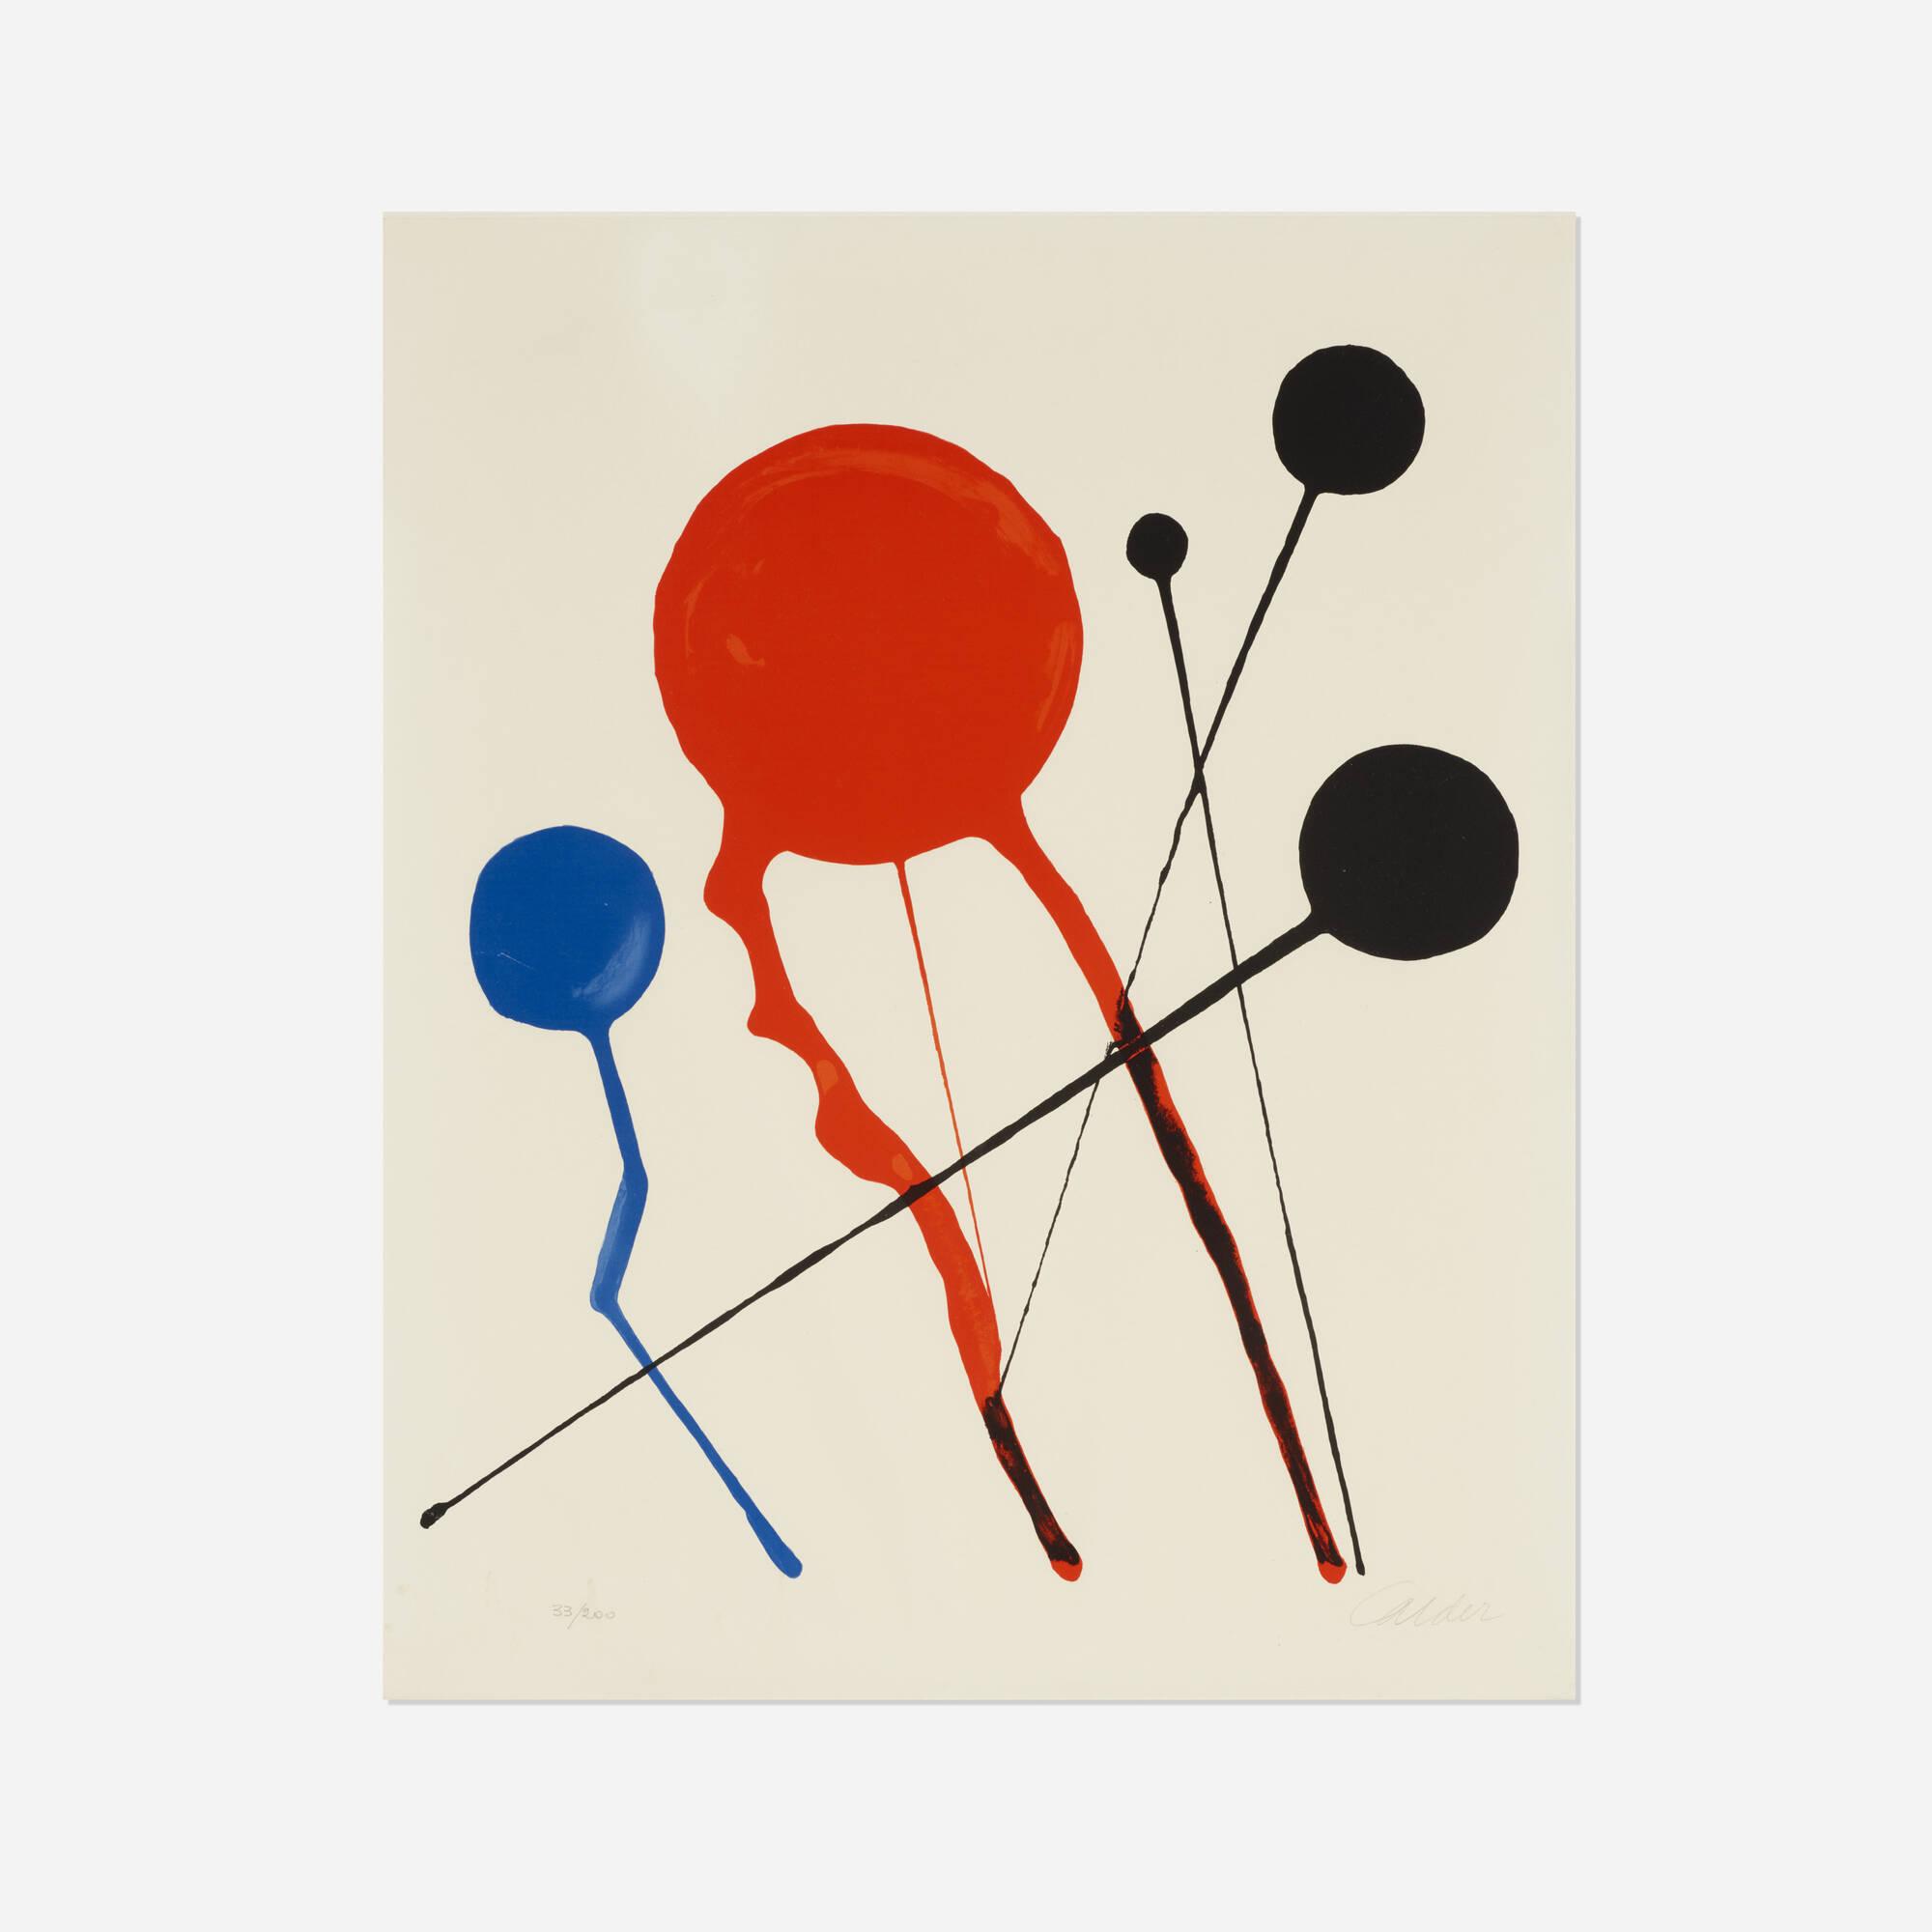 201: Alexander Calder / Comètes (1 of 1)